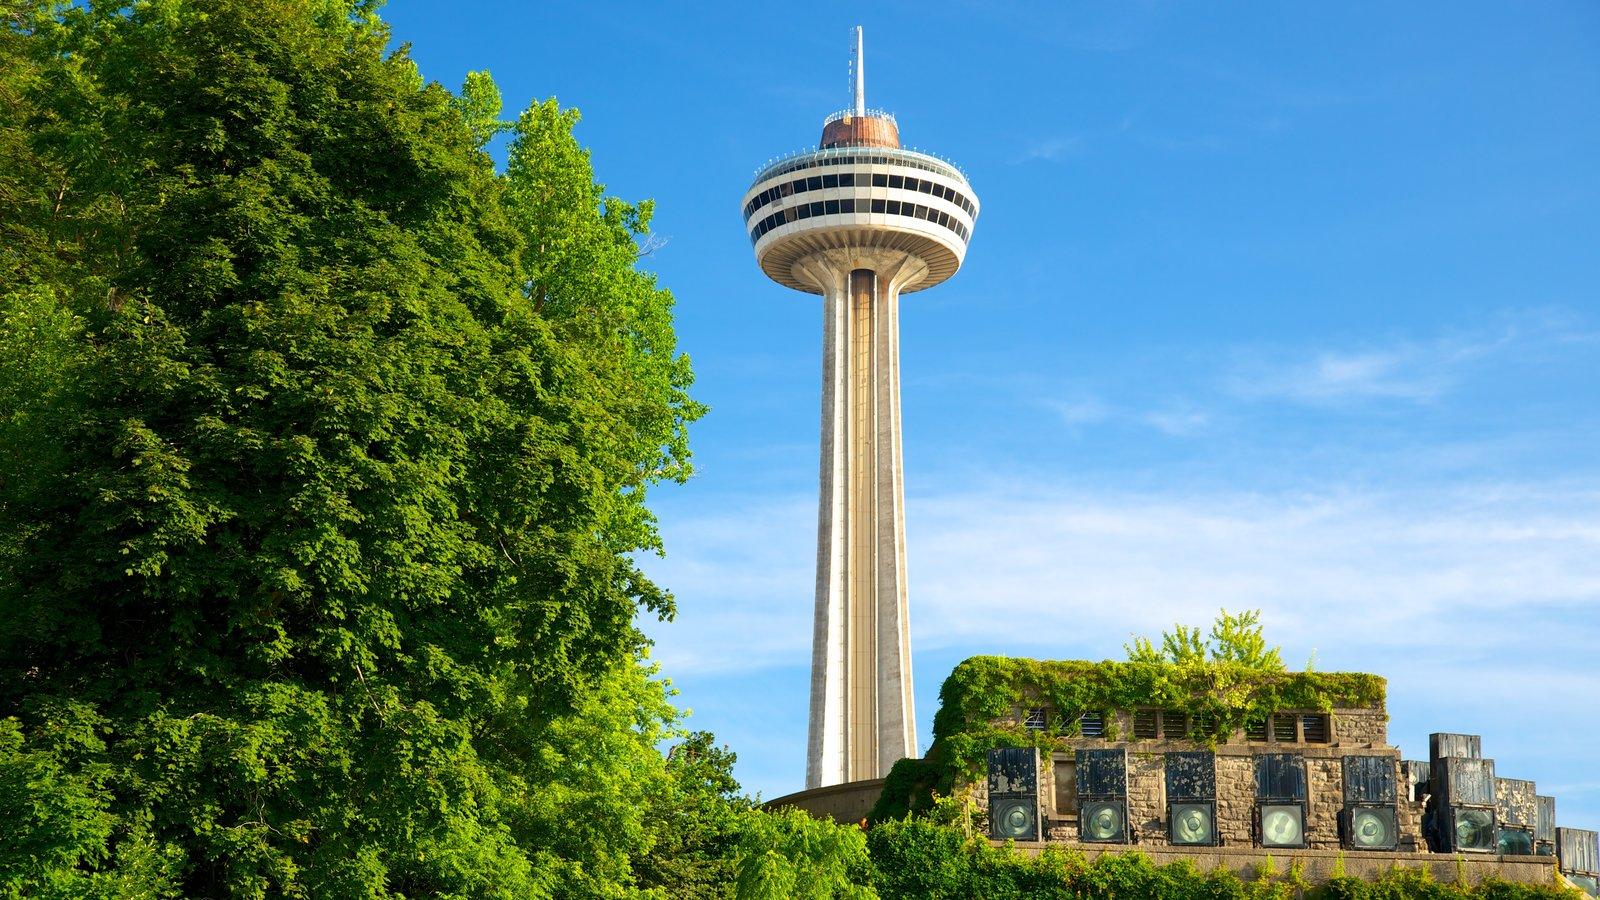 Skylon Tower caracterizando um arranha-céu e arquitetura moderna